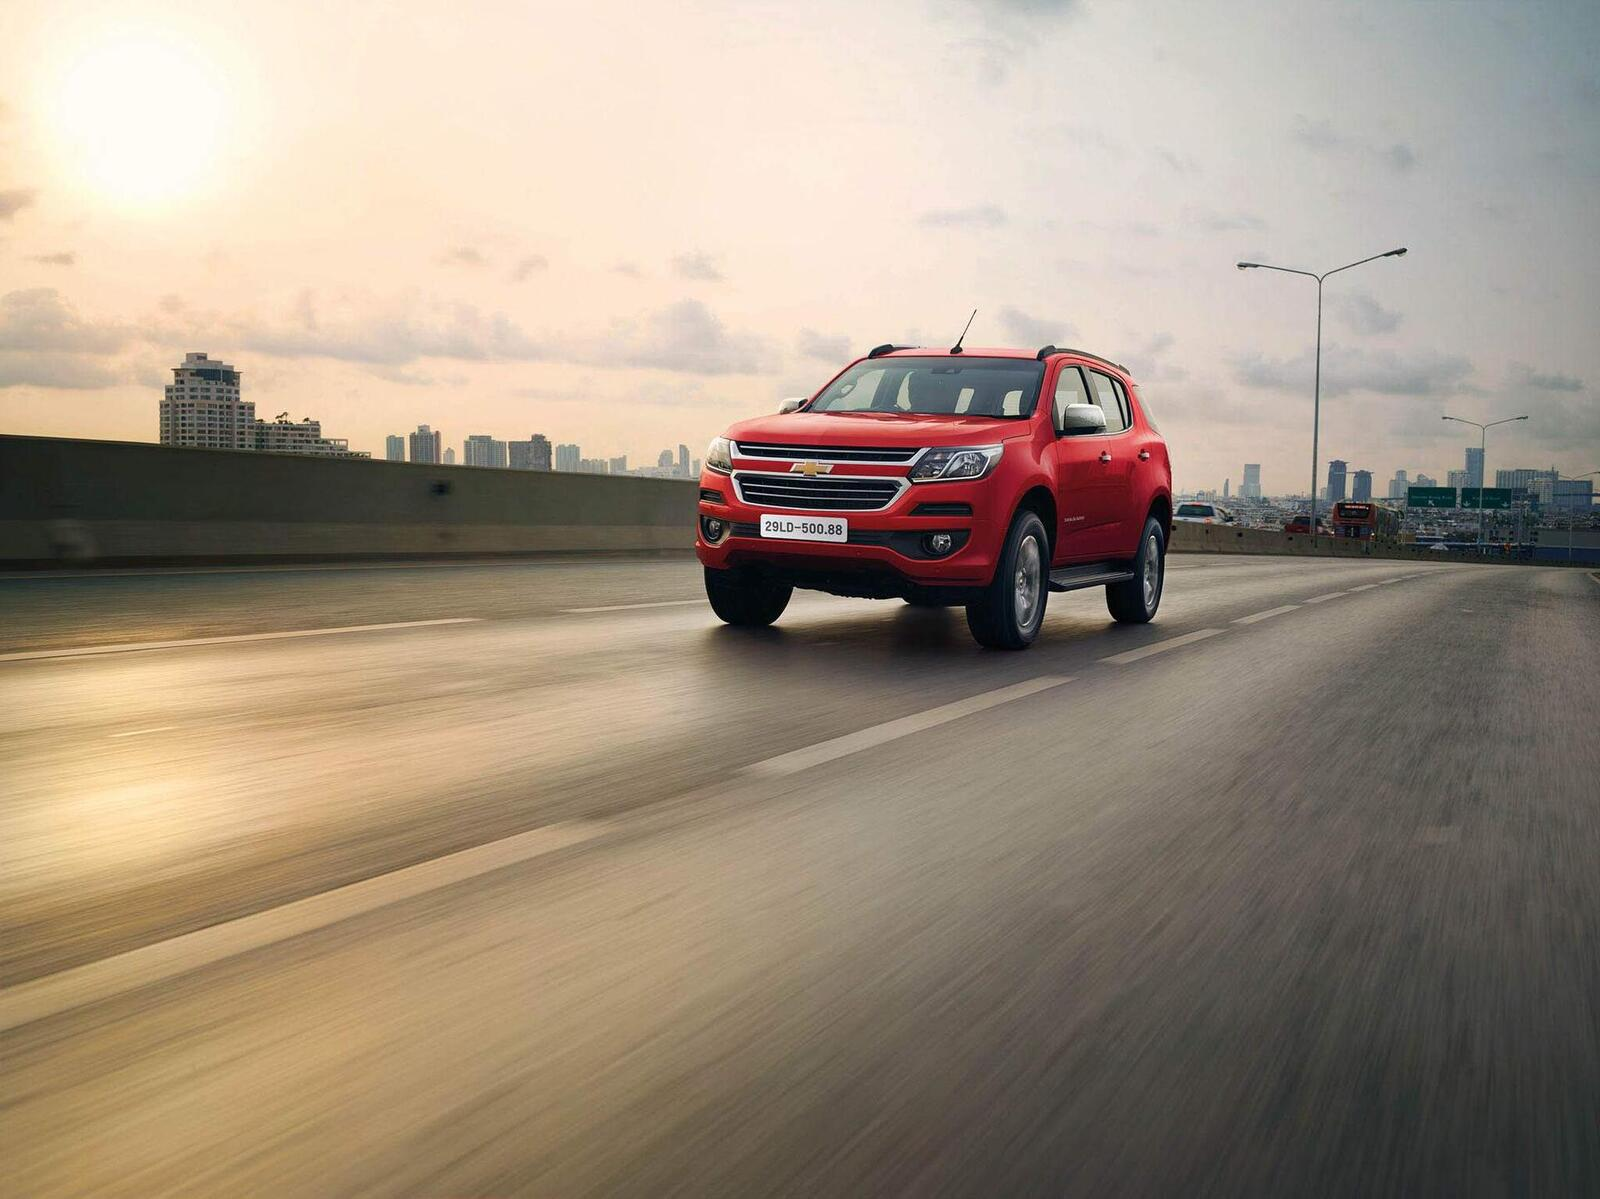 So sánh giá bán của Toyota Fortuner và Chevrolet Trailblazer - Hình 13